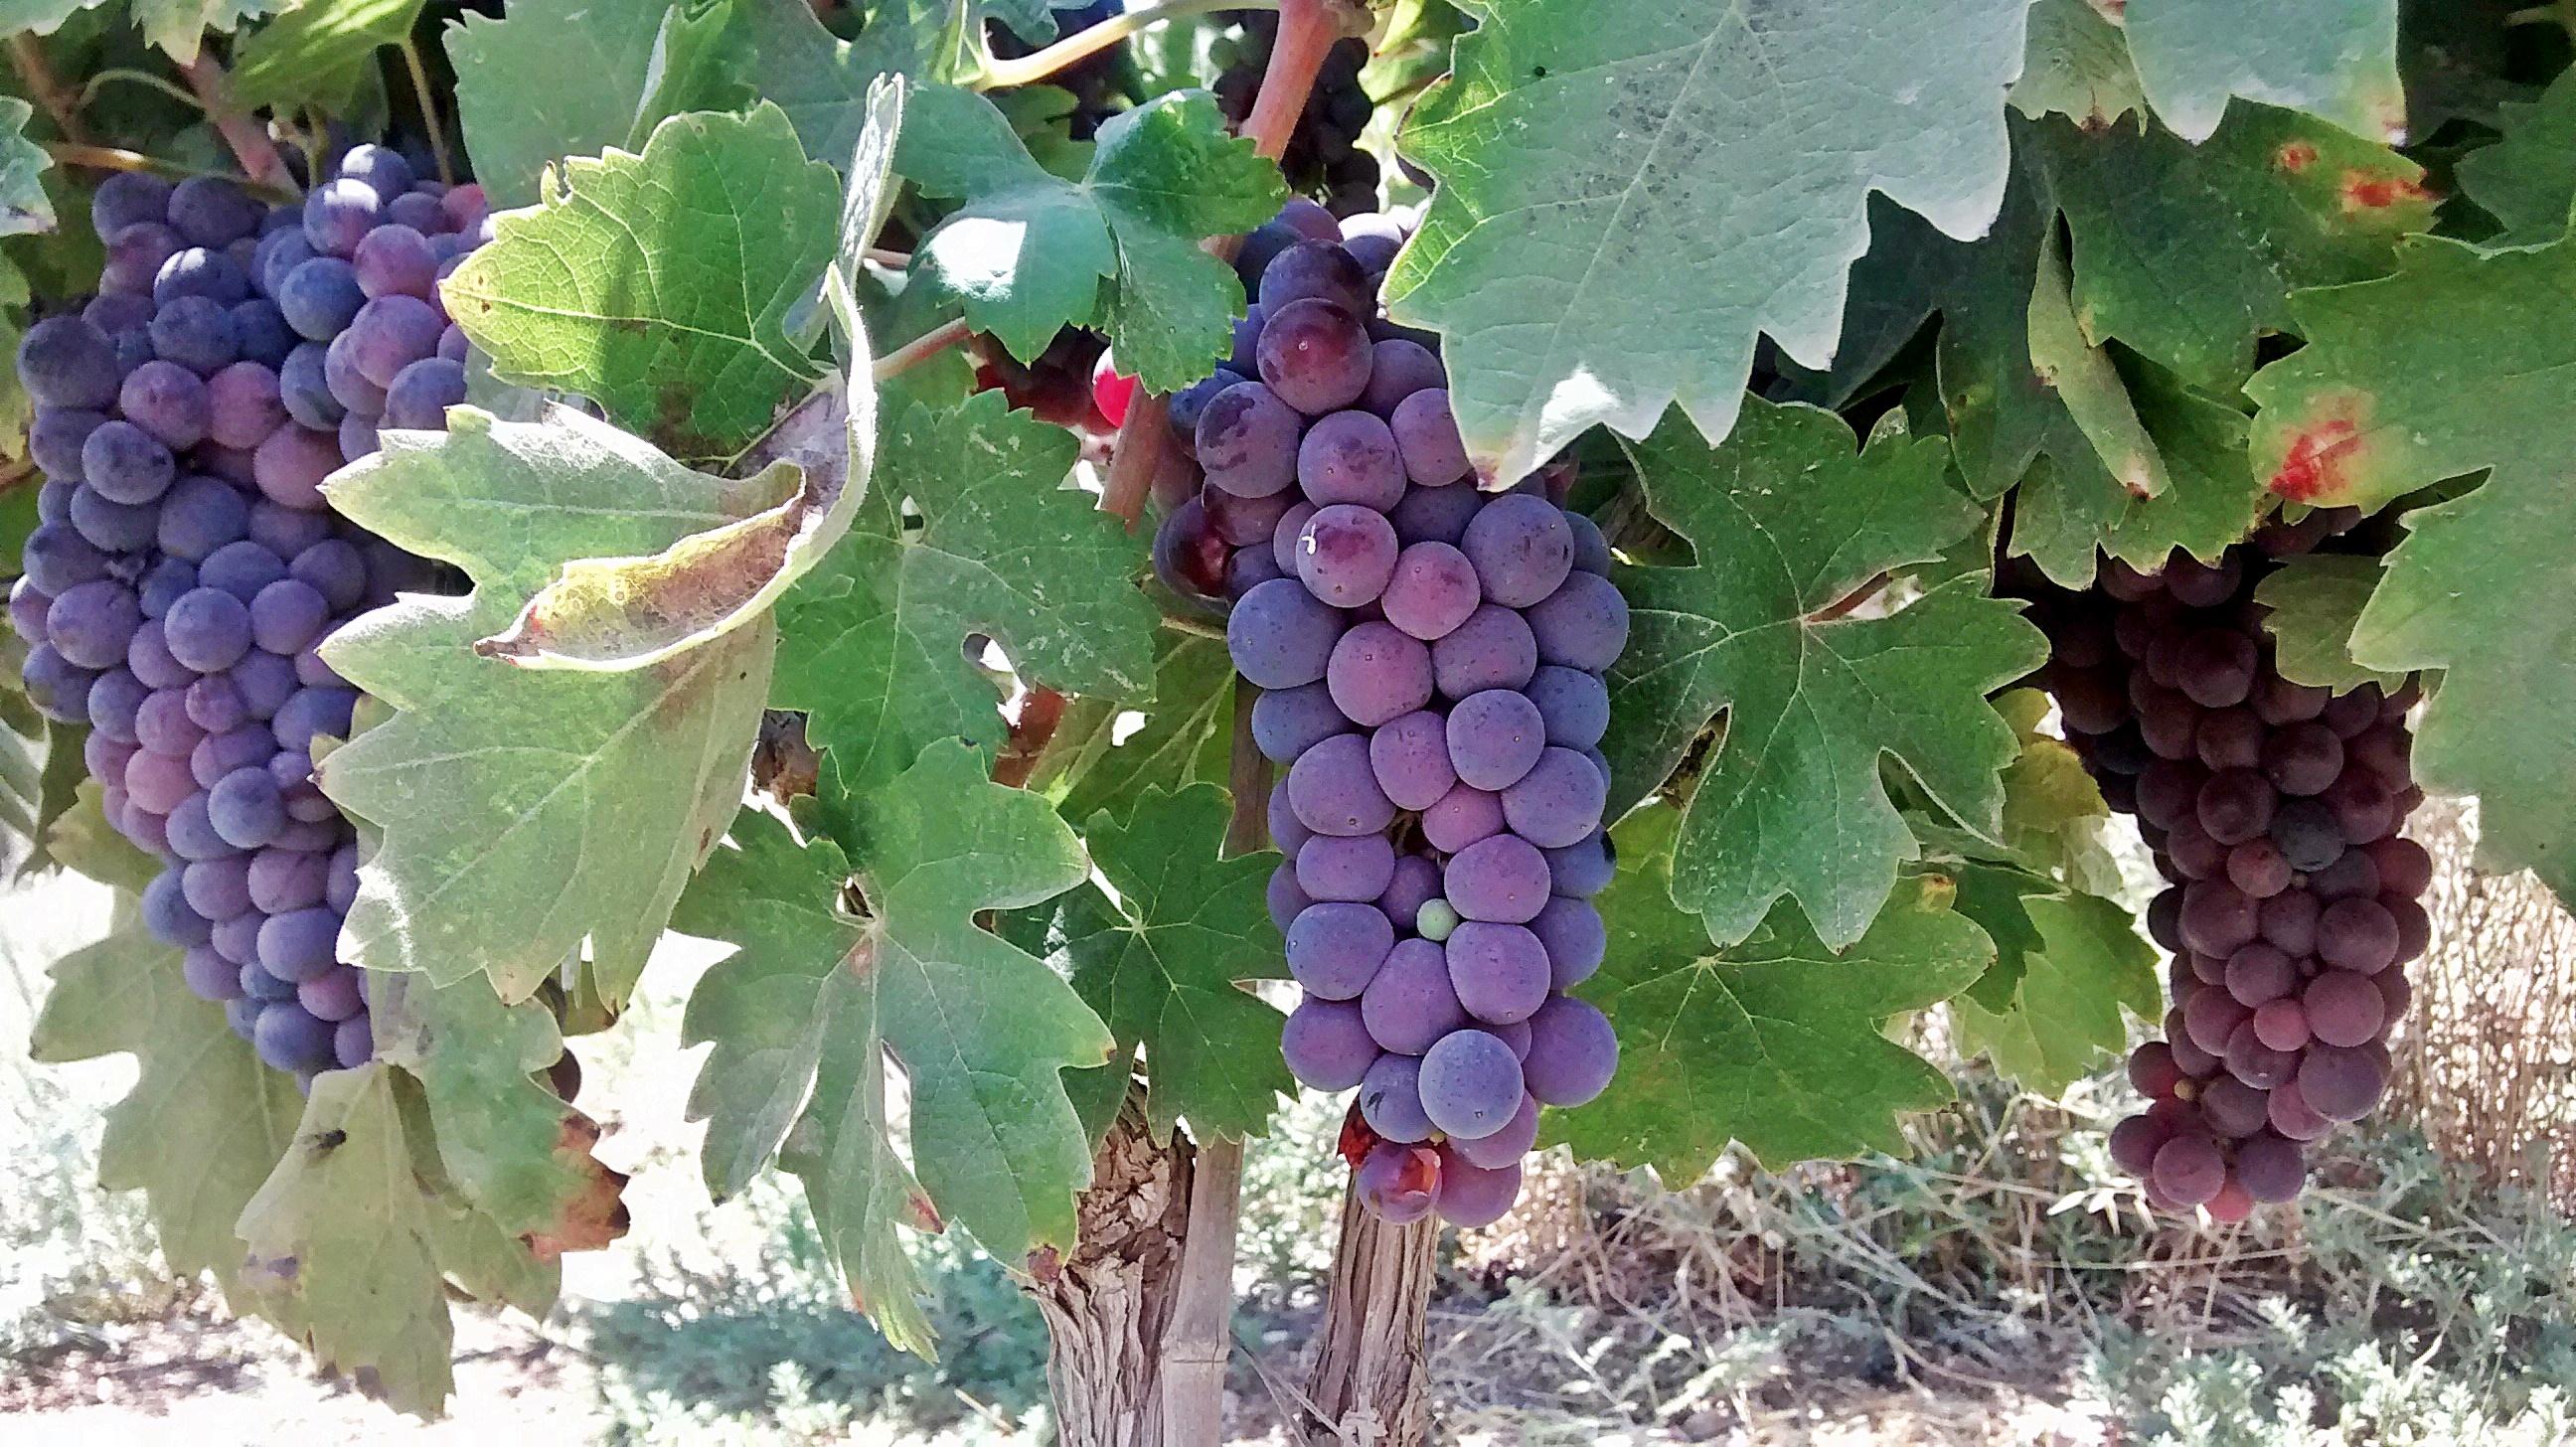 ענבי יין בשלים בכרם לקראת הבציר